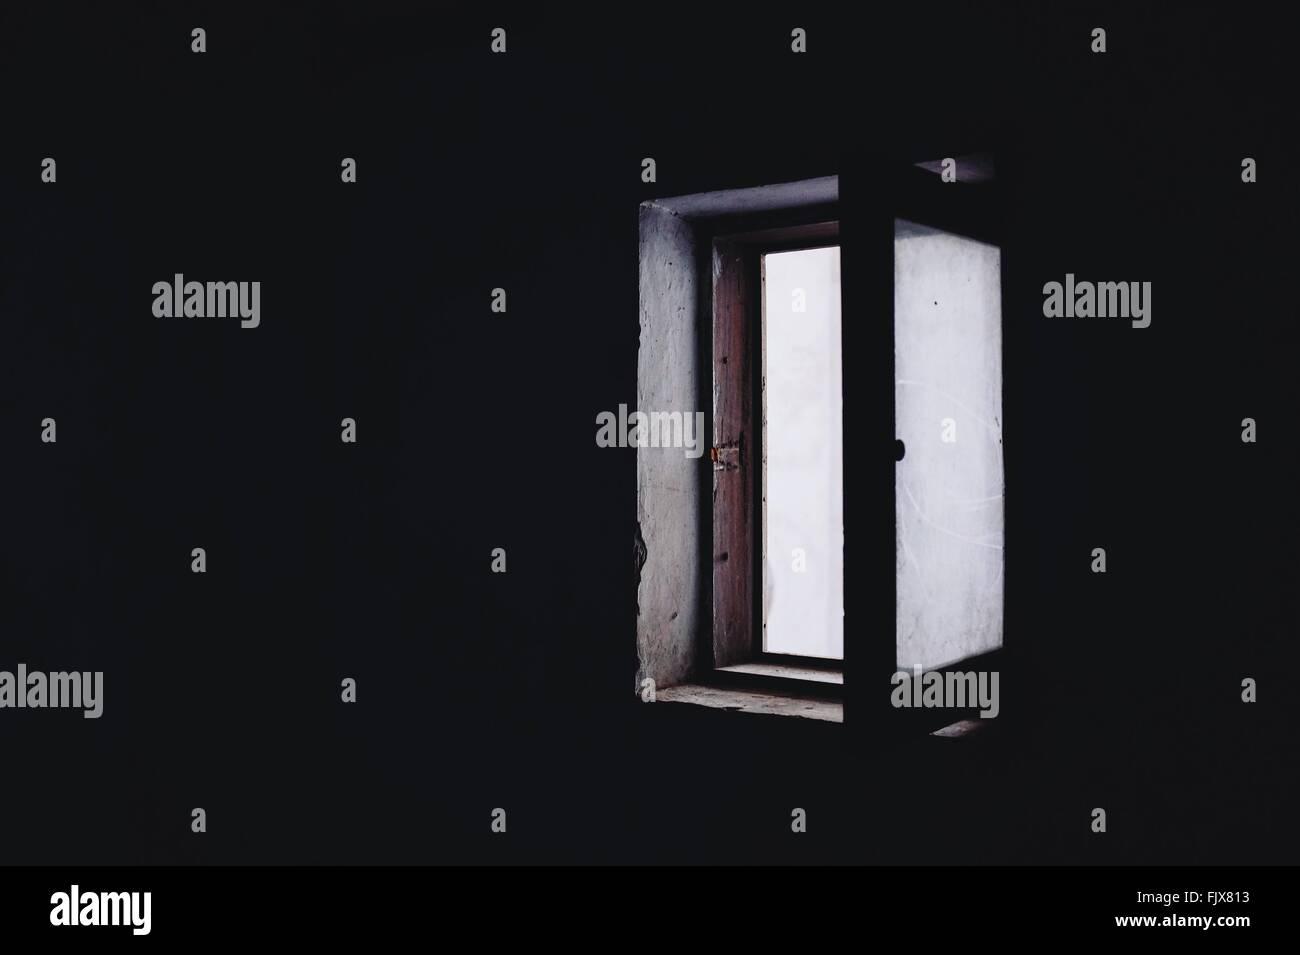 Aprire la finestra in camera oscura Immagini Stock